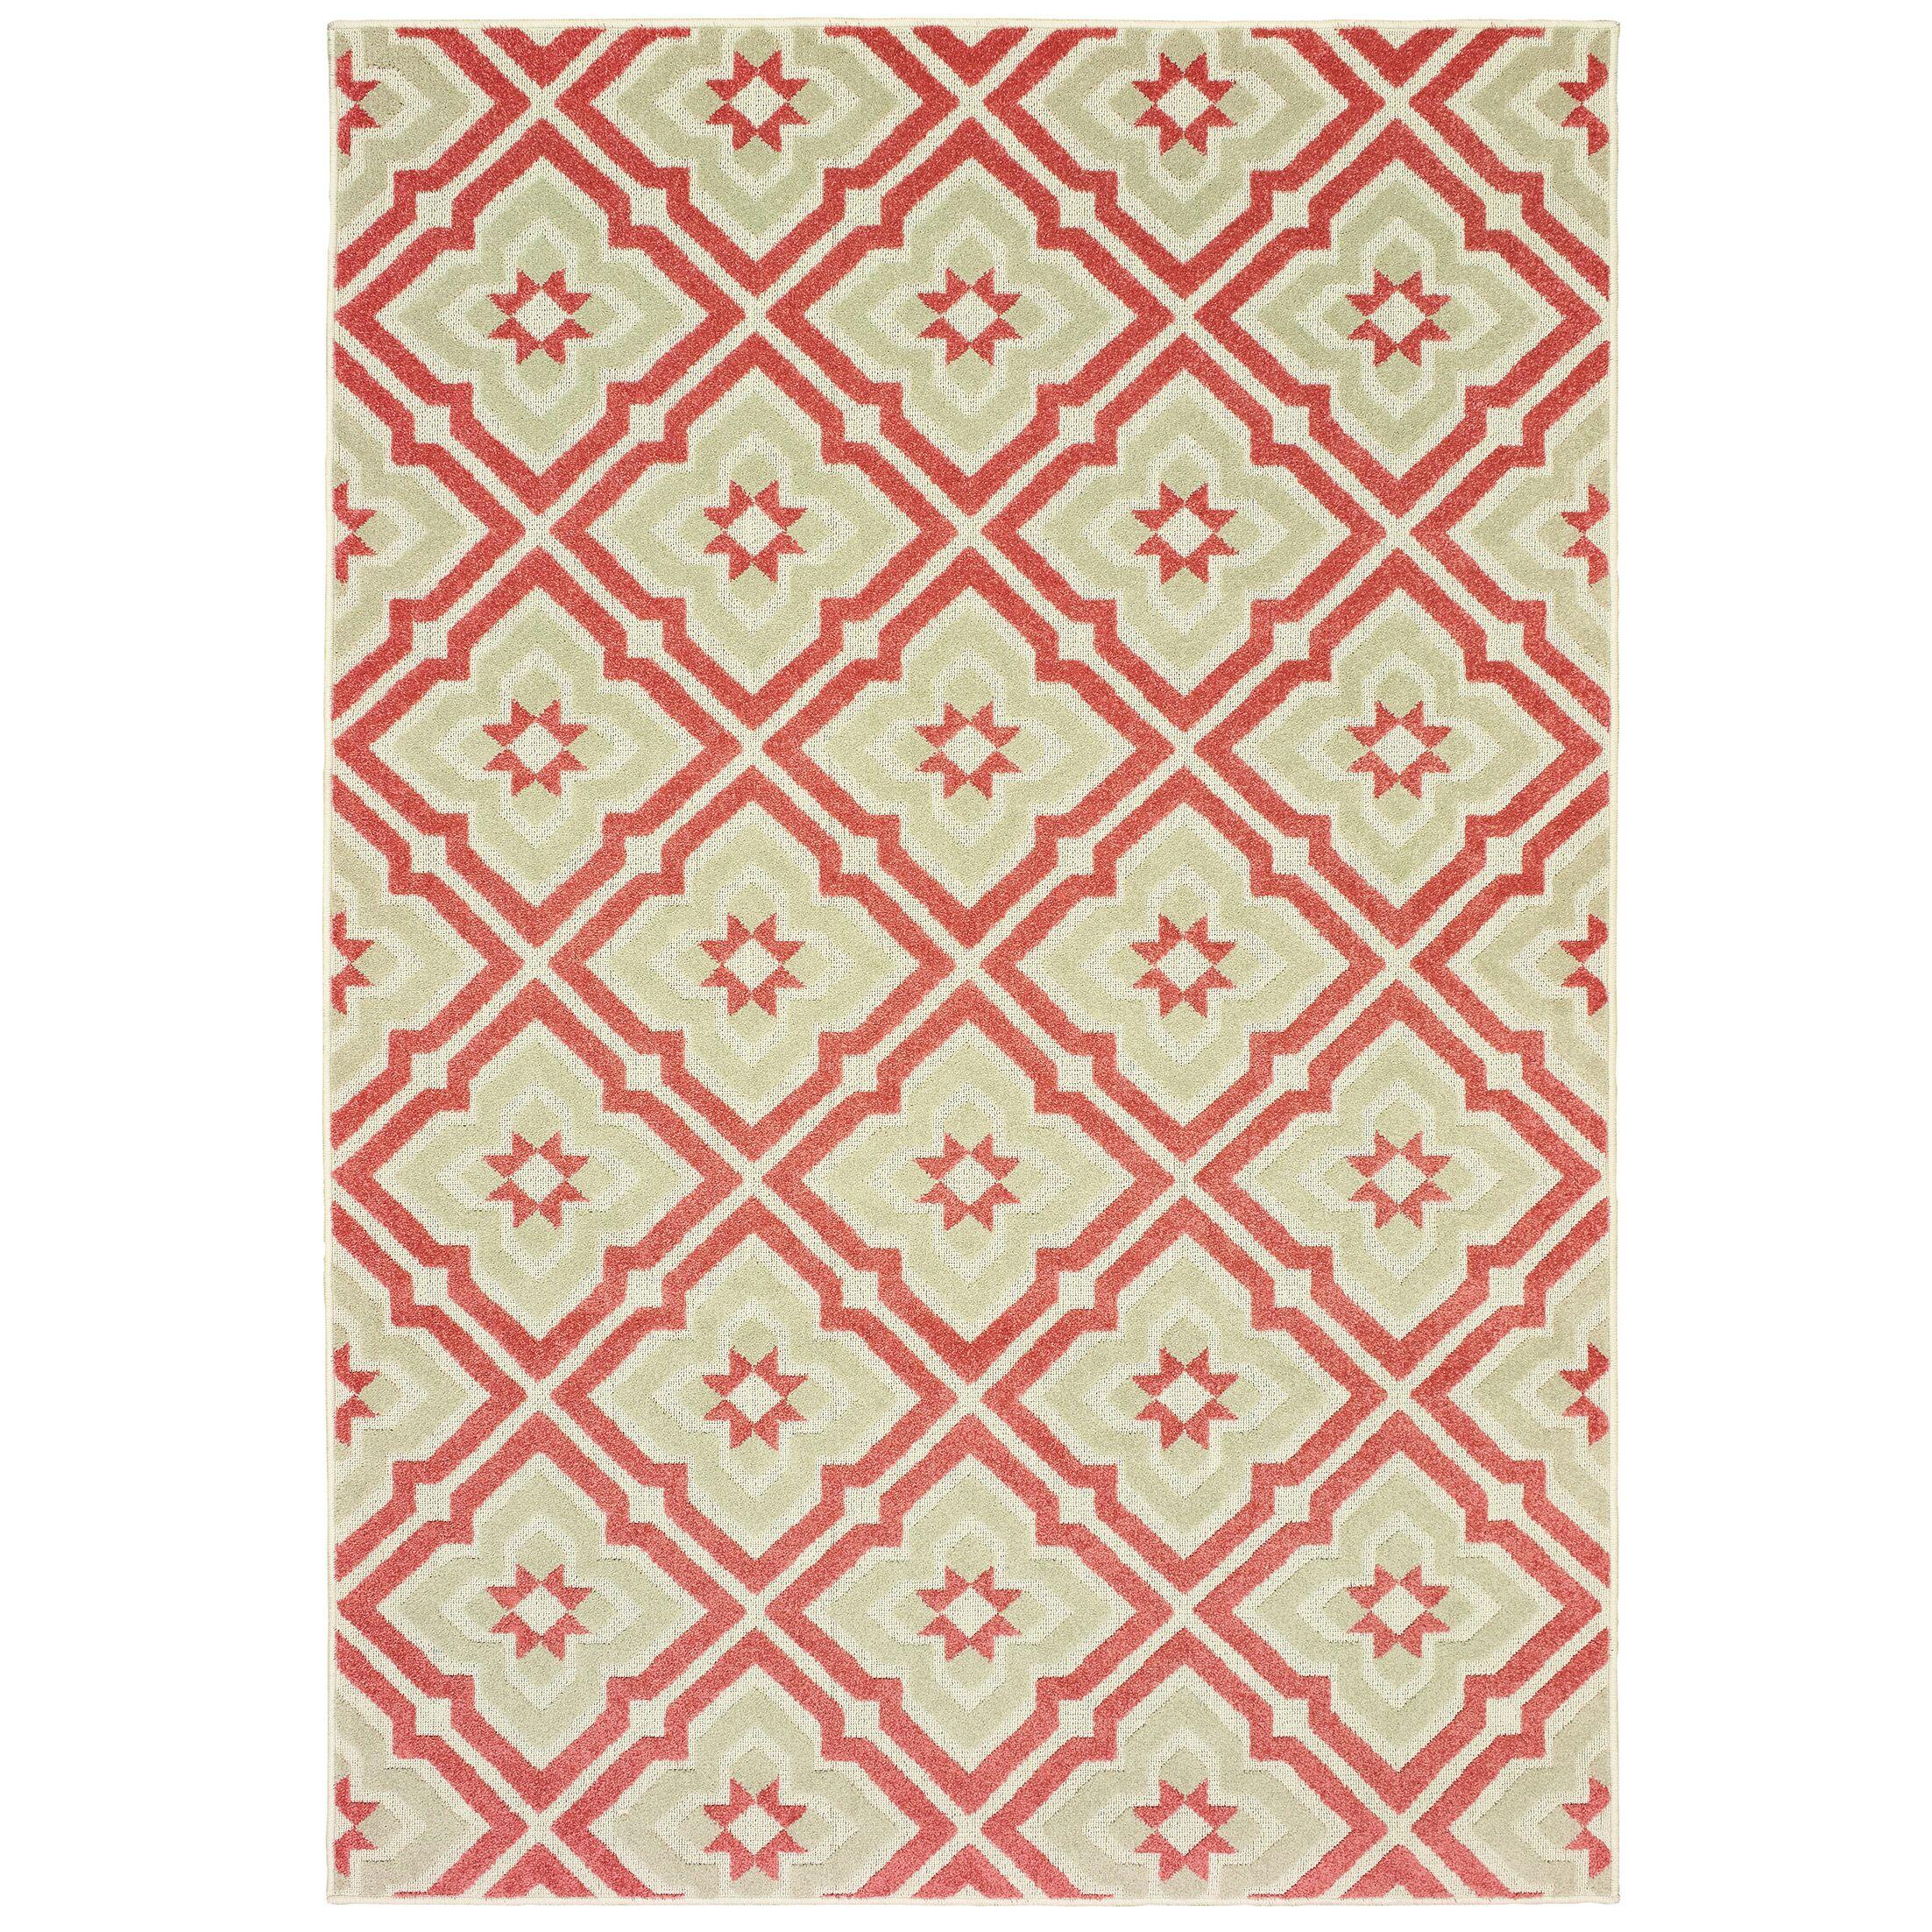 Fluellen Pink/Beige Indoor/Outdoor Area Rug Rug Size: Rectangle 6'7